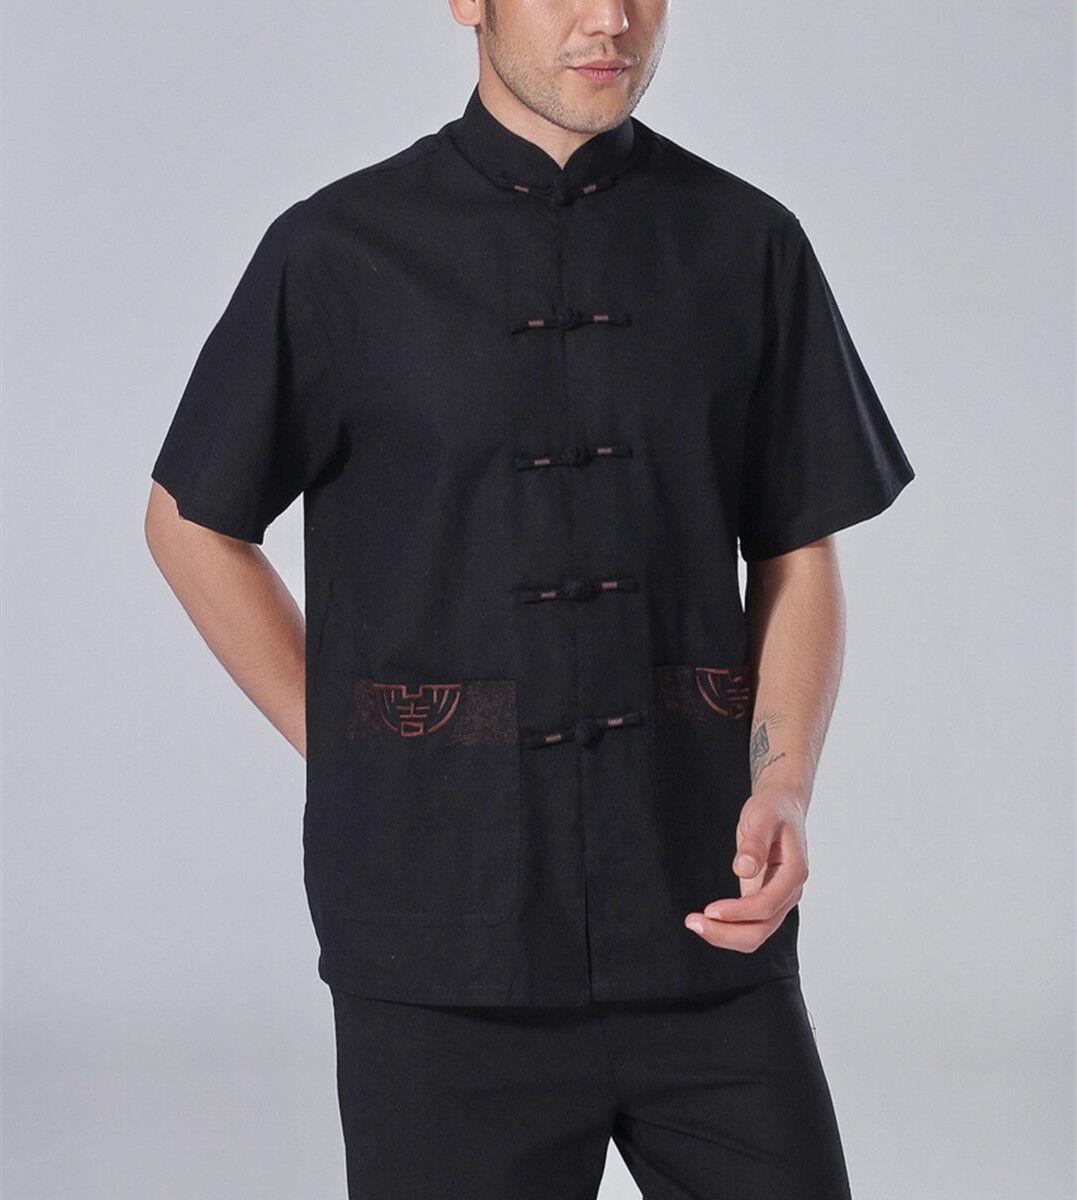 Cinesi orientali Mens KUNG FU NERO COTONE LUCKY simbolo Top Corto Camicia cmssh10